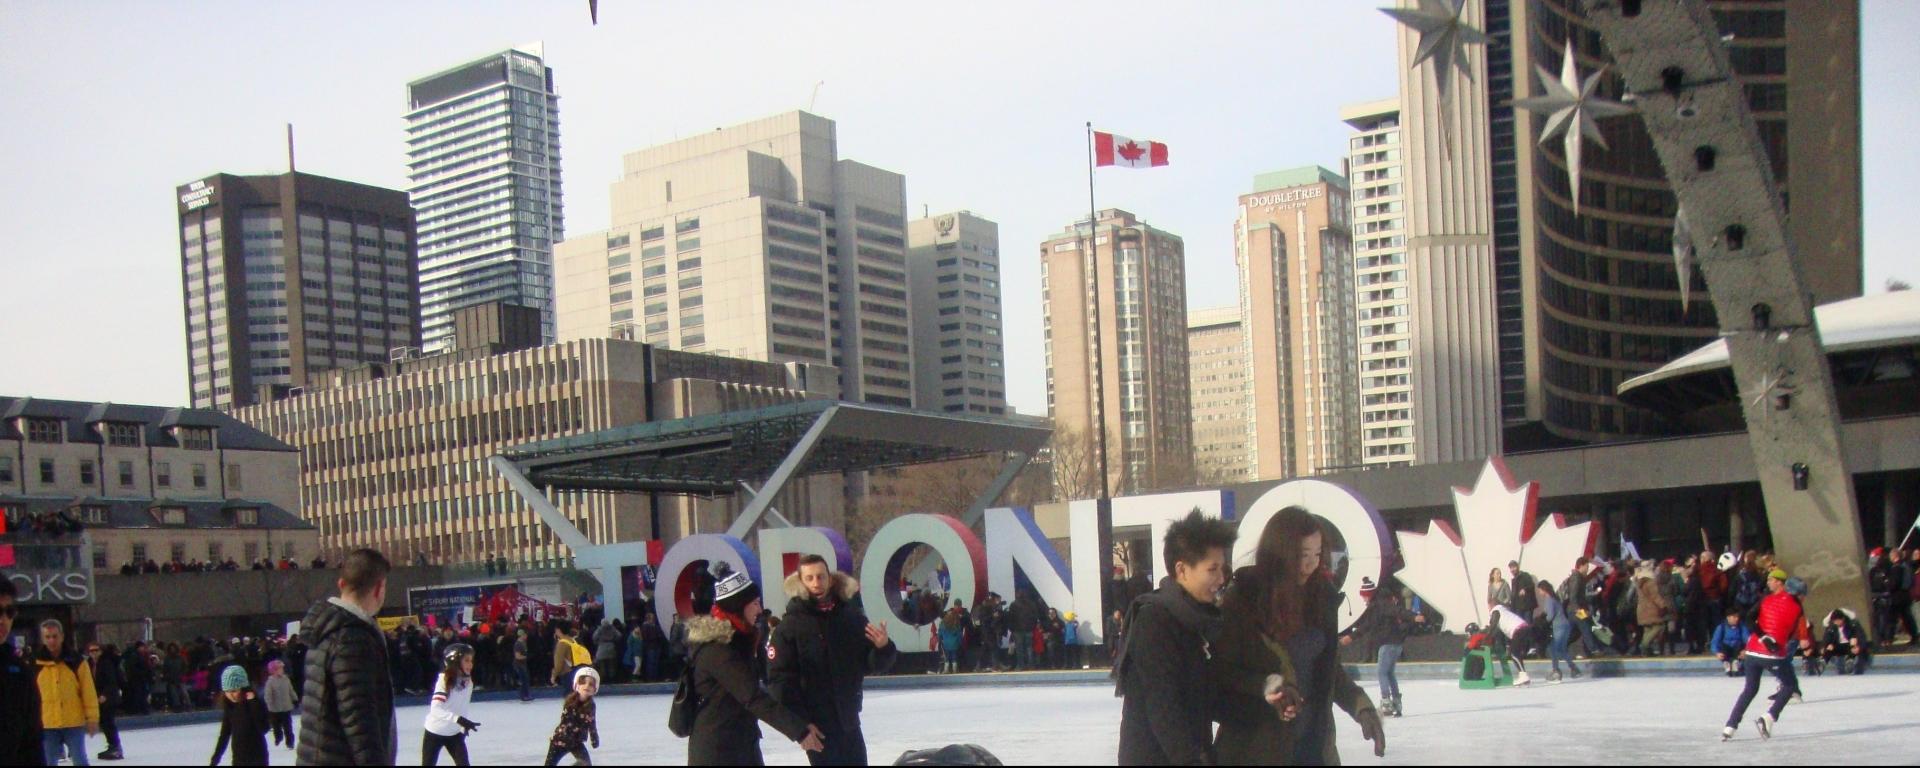 Pista de patinação - City Hall - Toronto - Canadá